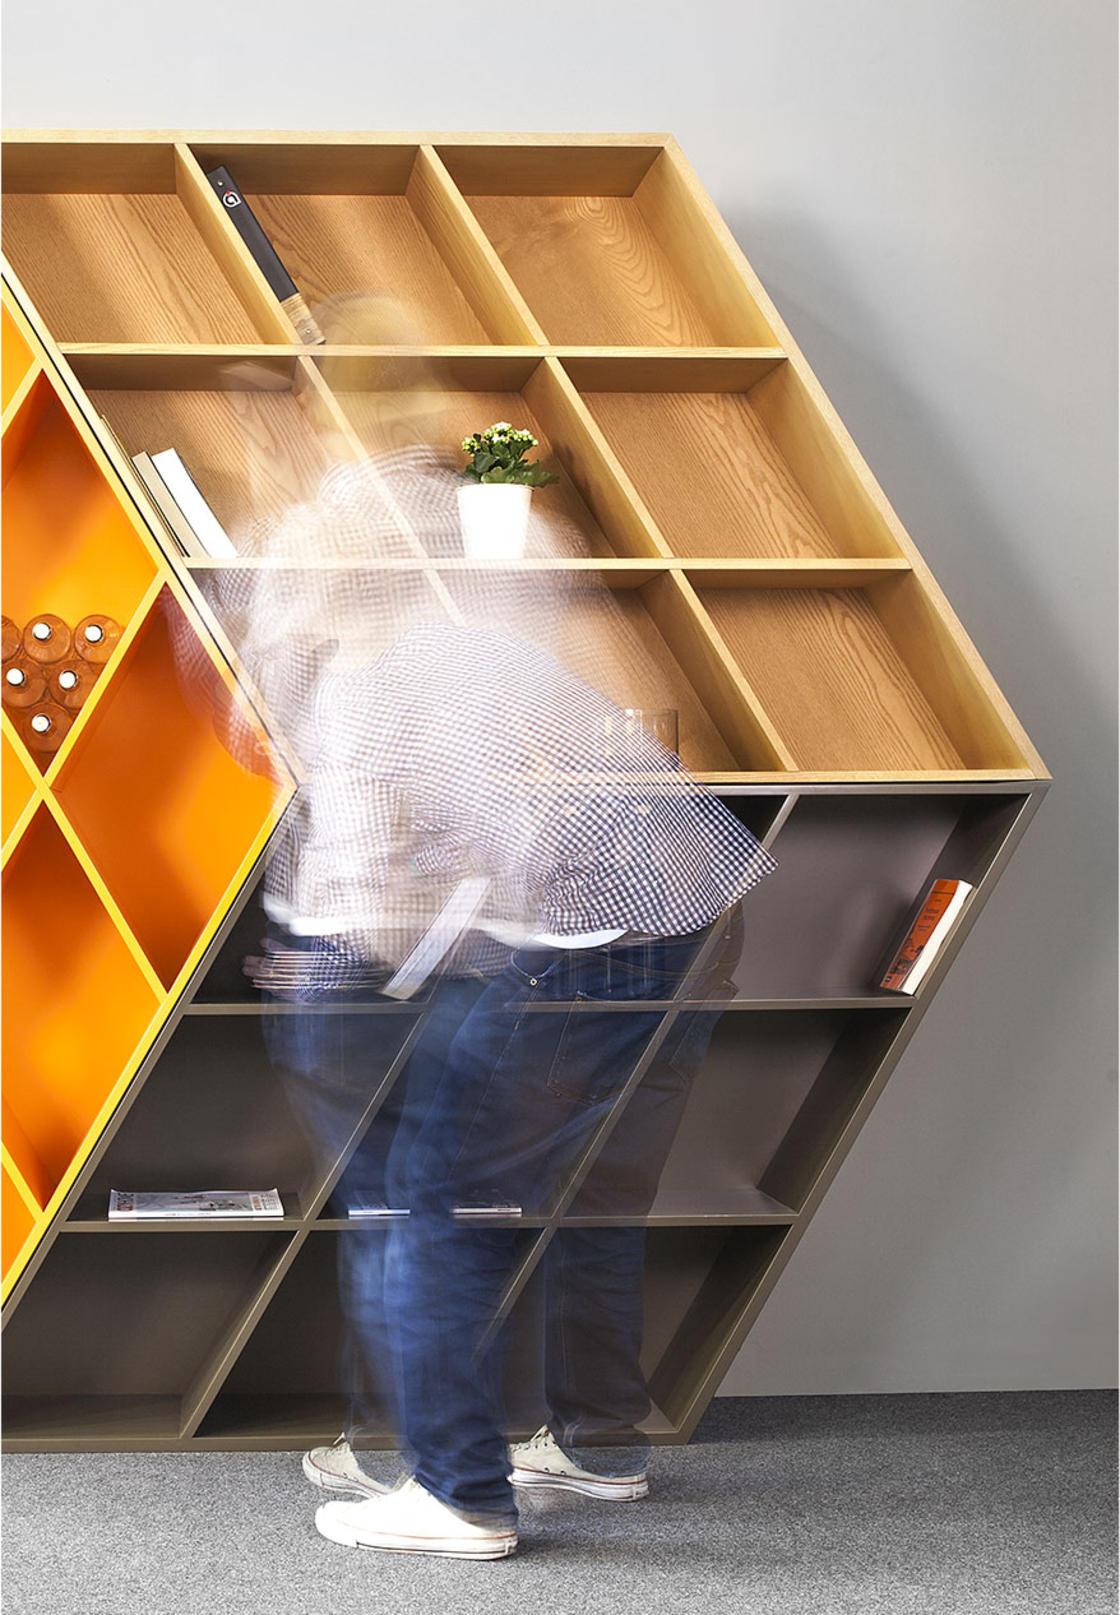 rubika-bookcase02.jpg